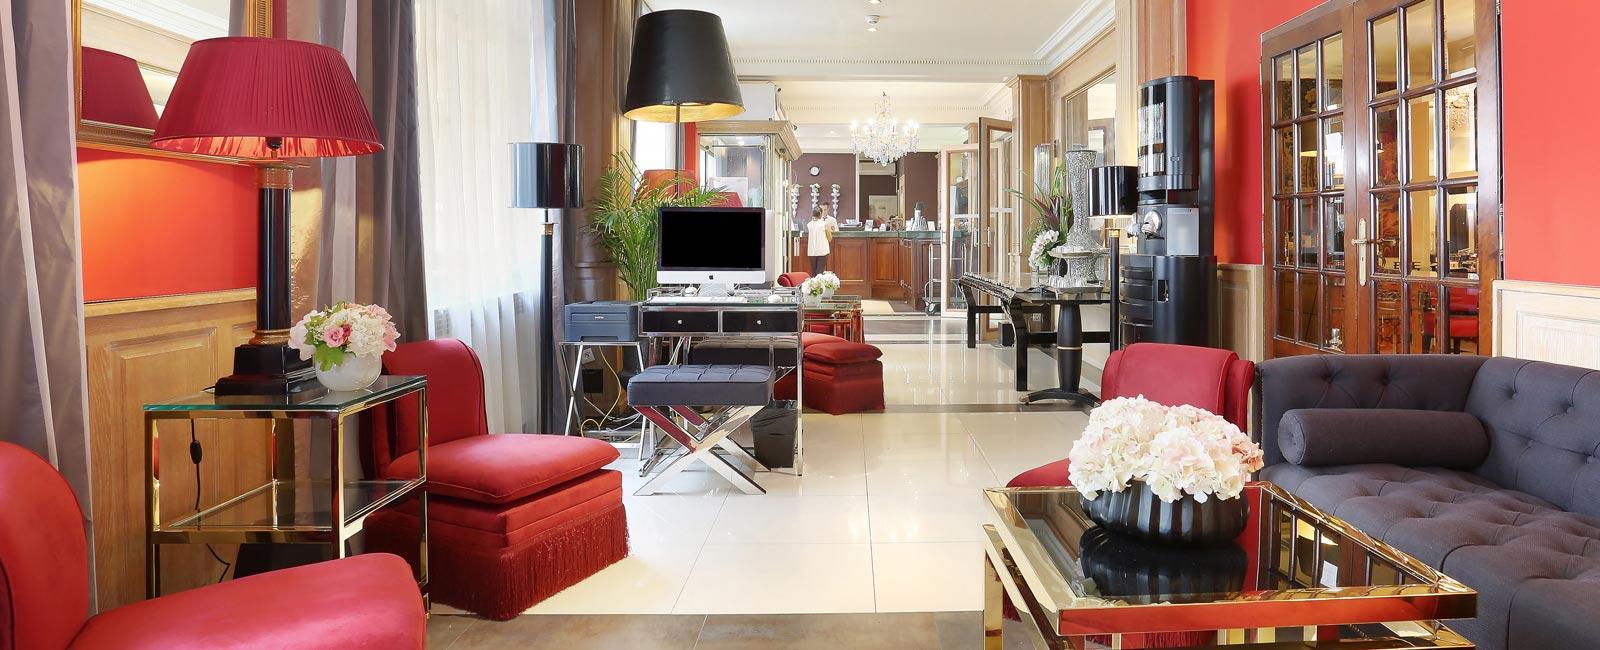 Trianon Rive Gauche Paris Hotel Official webite Saint